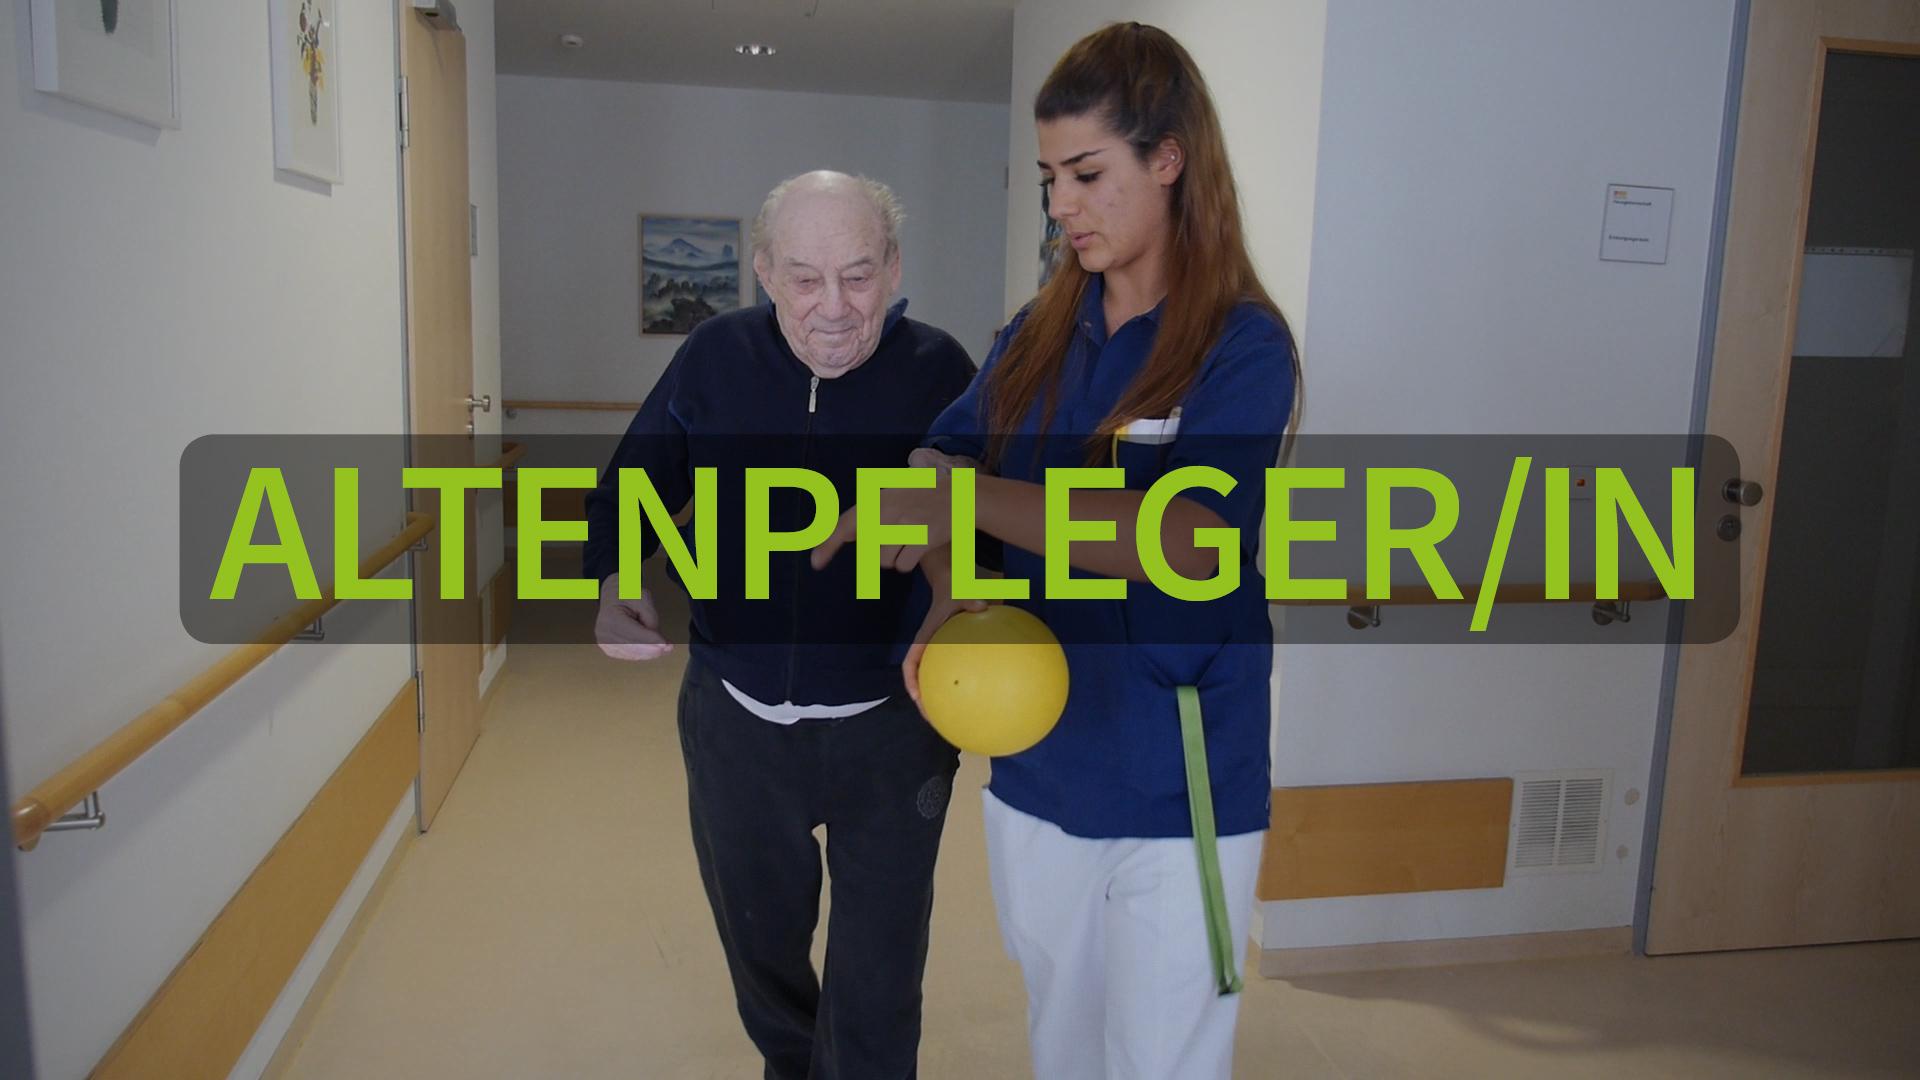 Ausbildung zum Altenpfleger/in